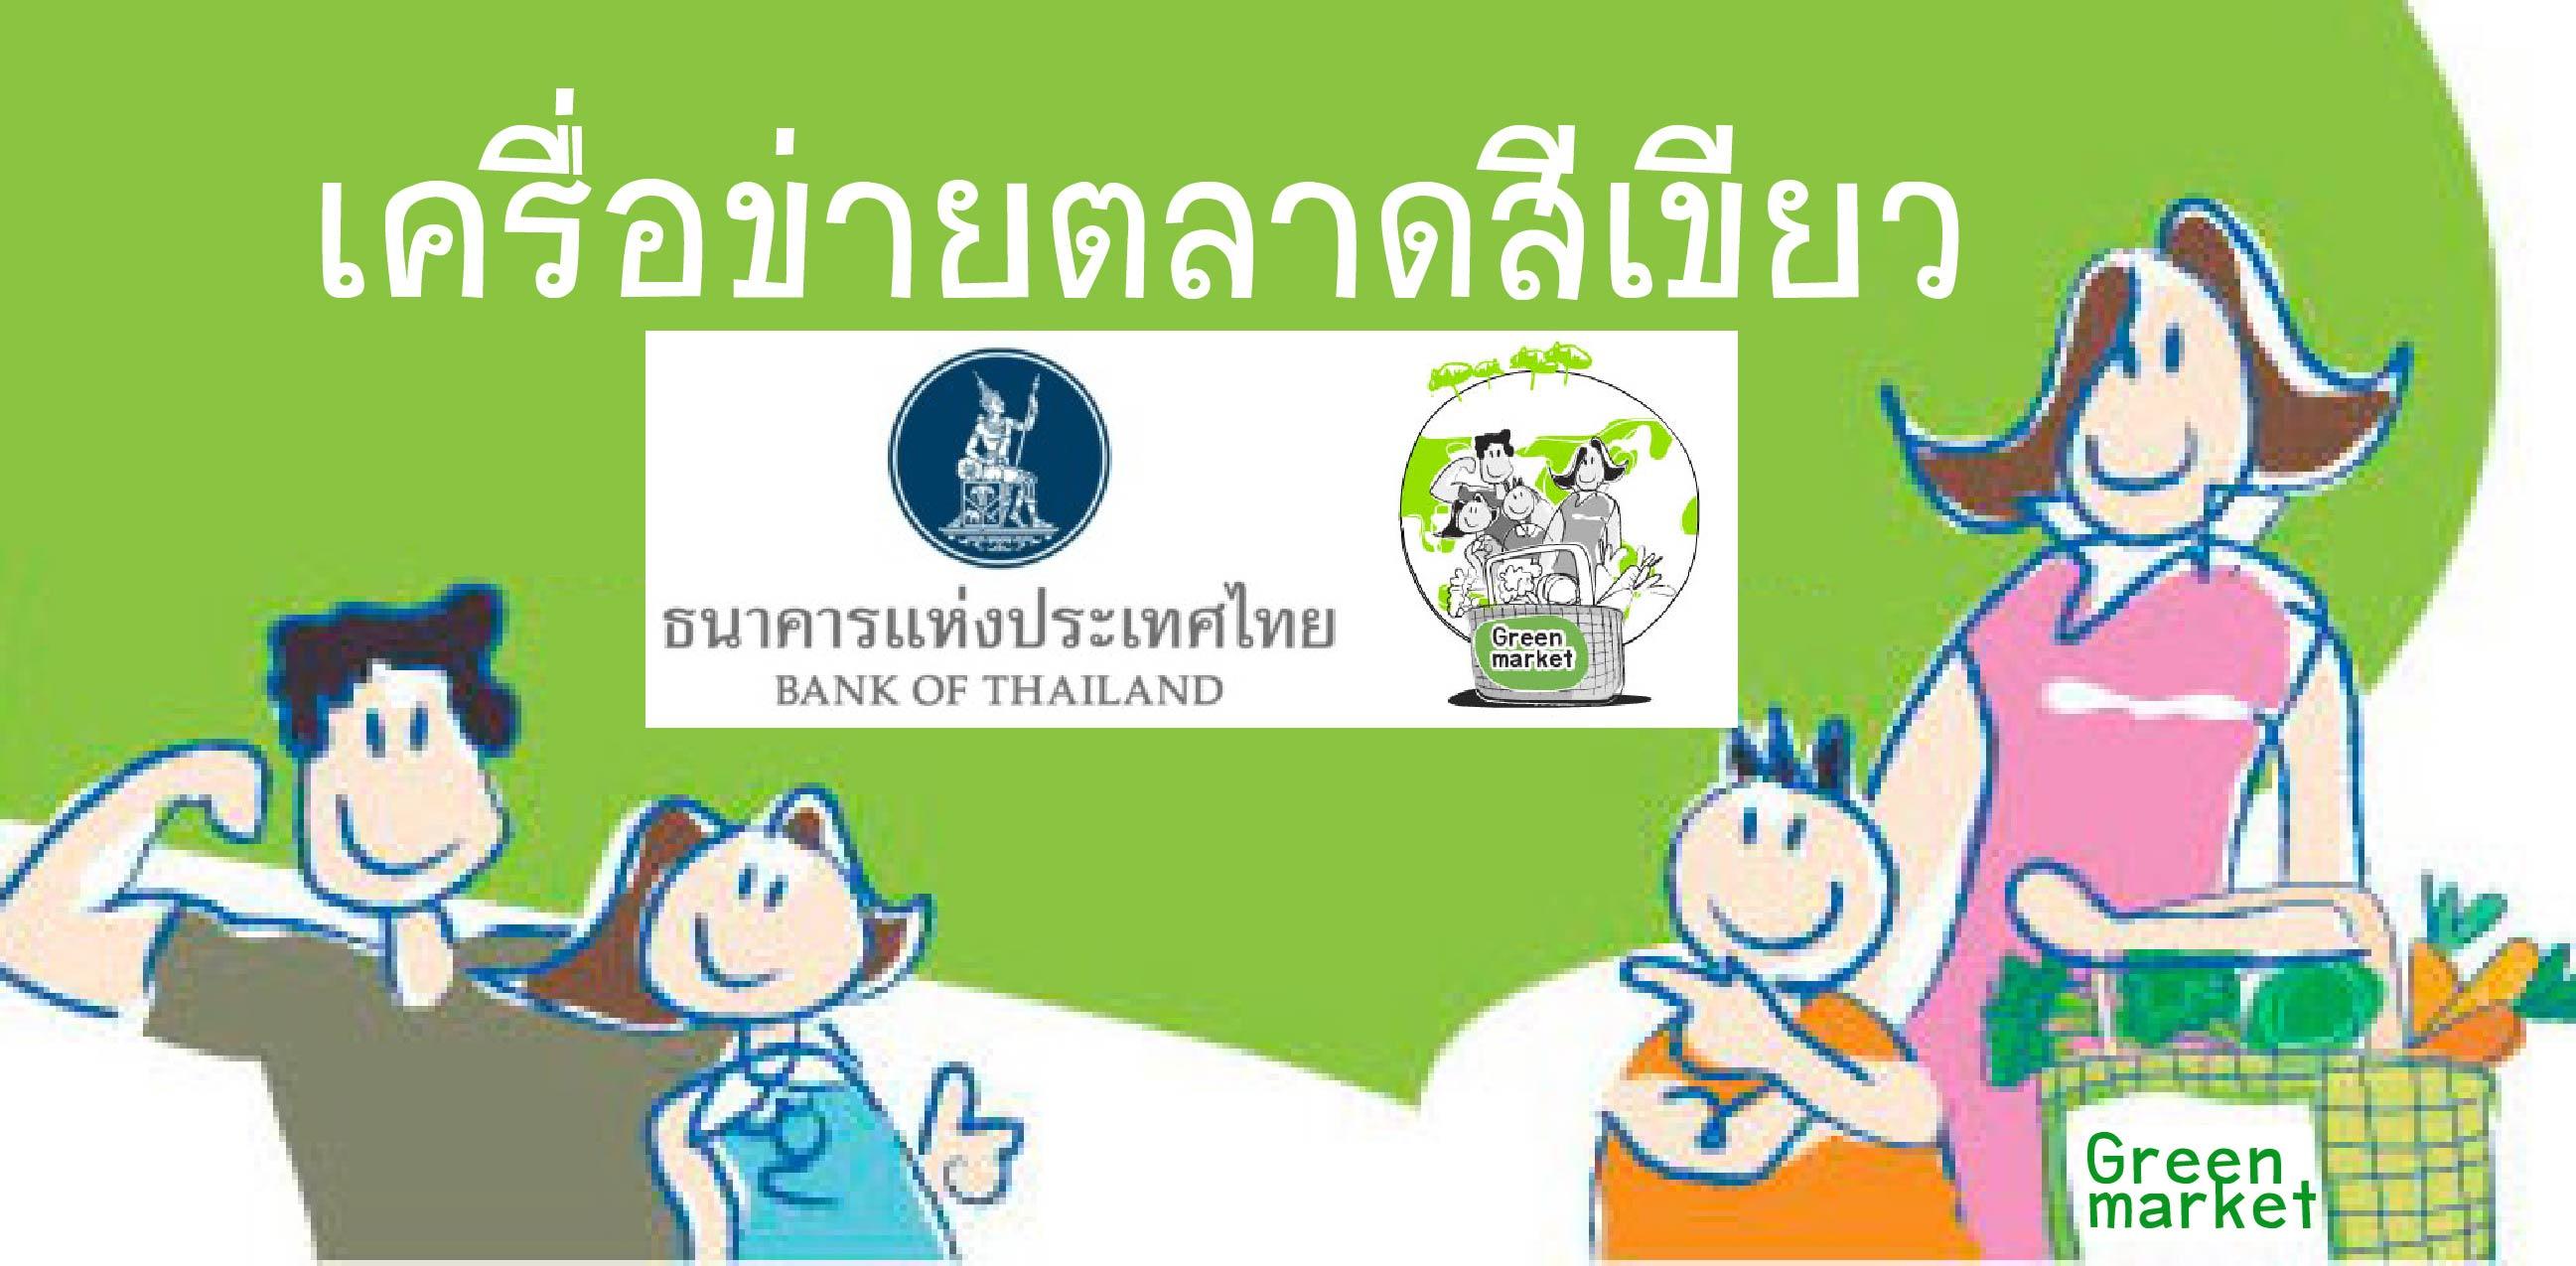 ตลาดสีเขียว ธนาคารแห่งประเทศไทย 28-29 มกราคม 2563